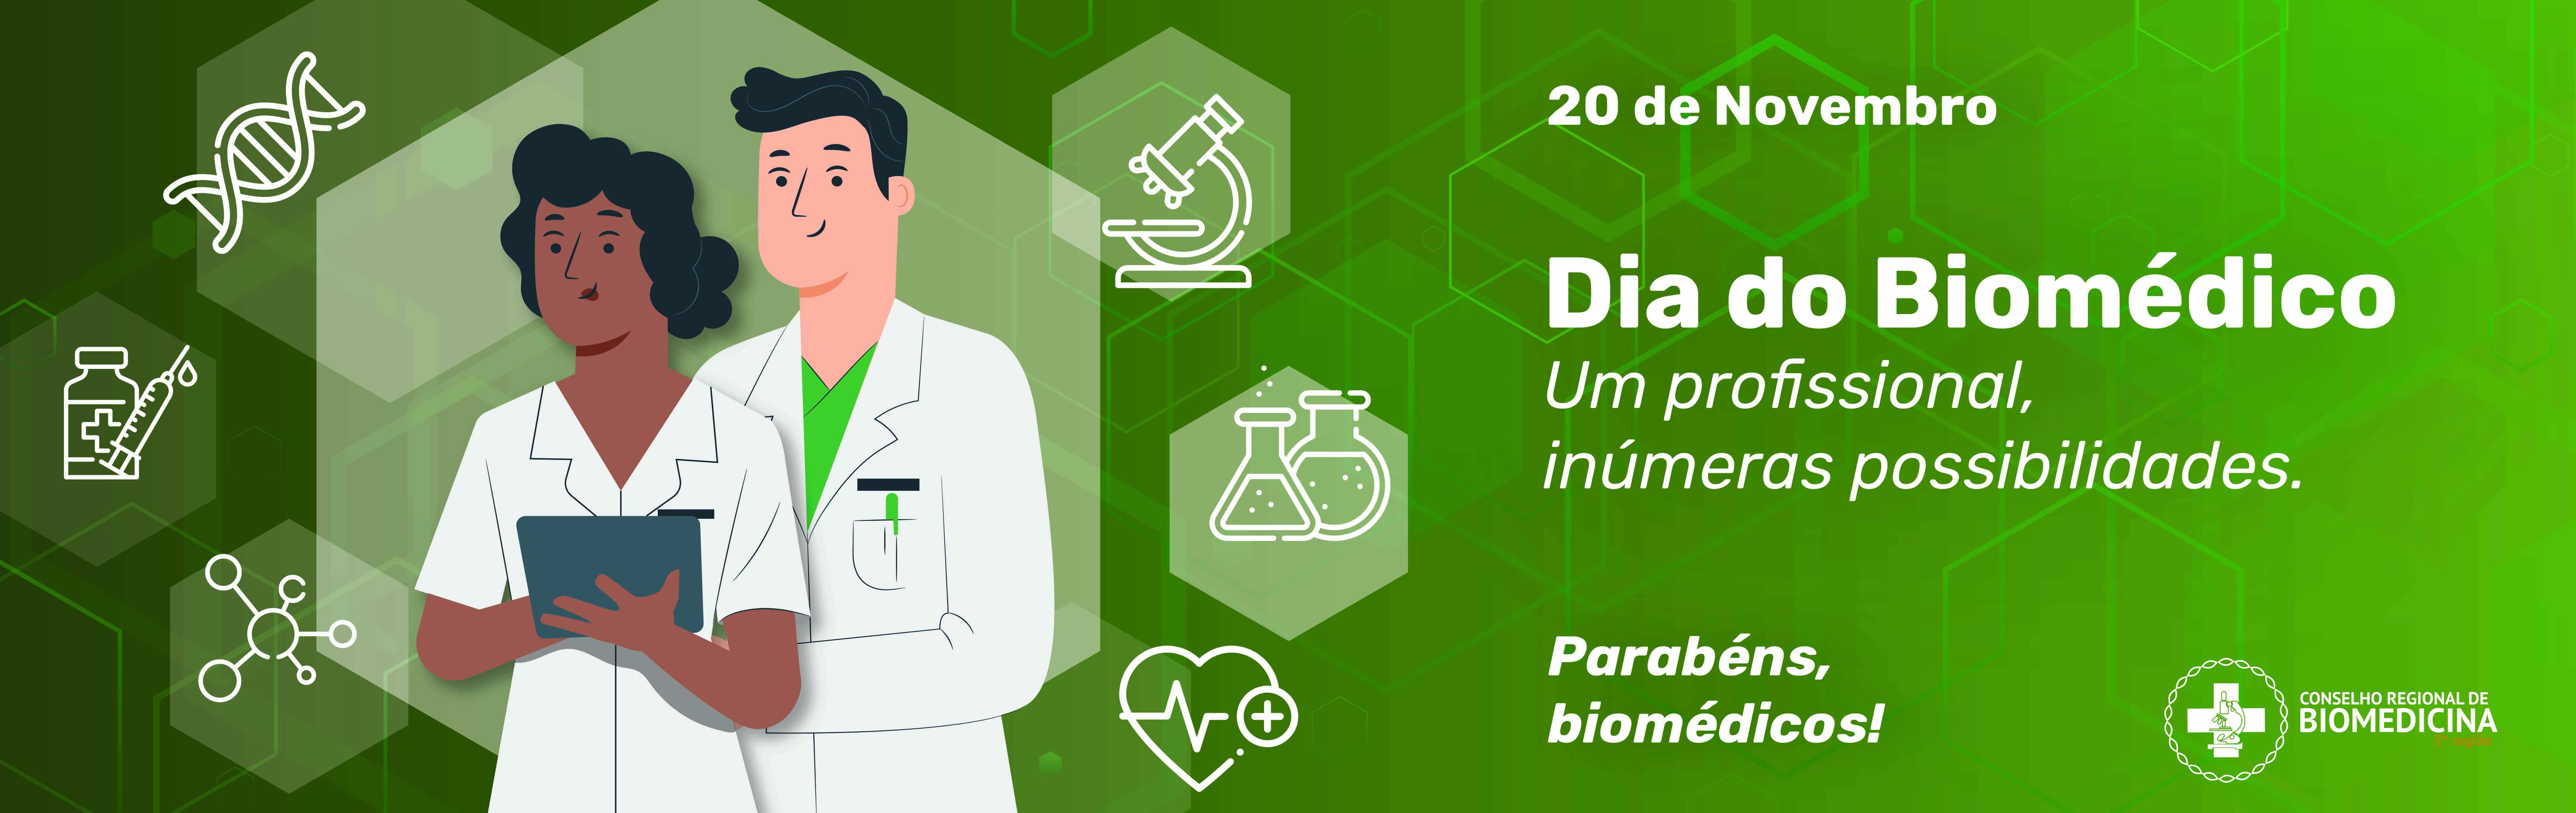 dia-do-biomedico-1